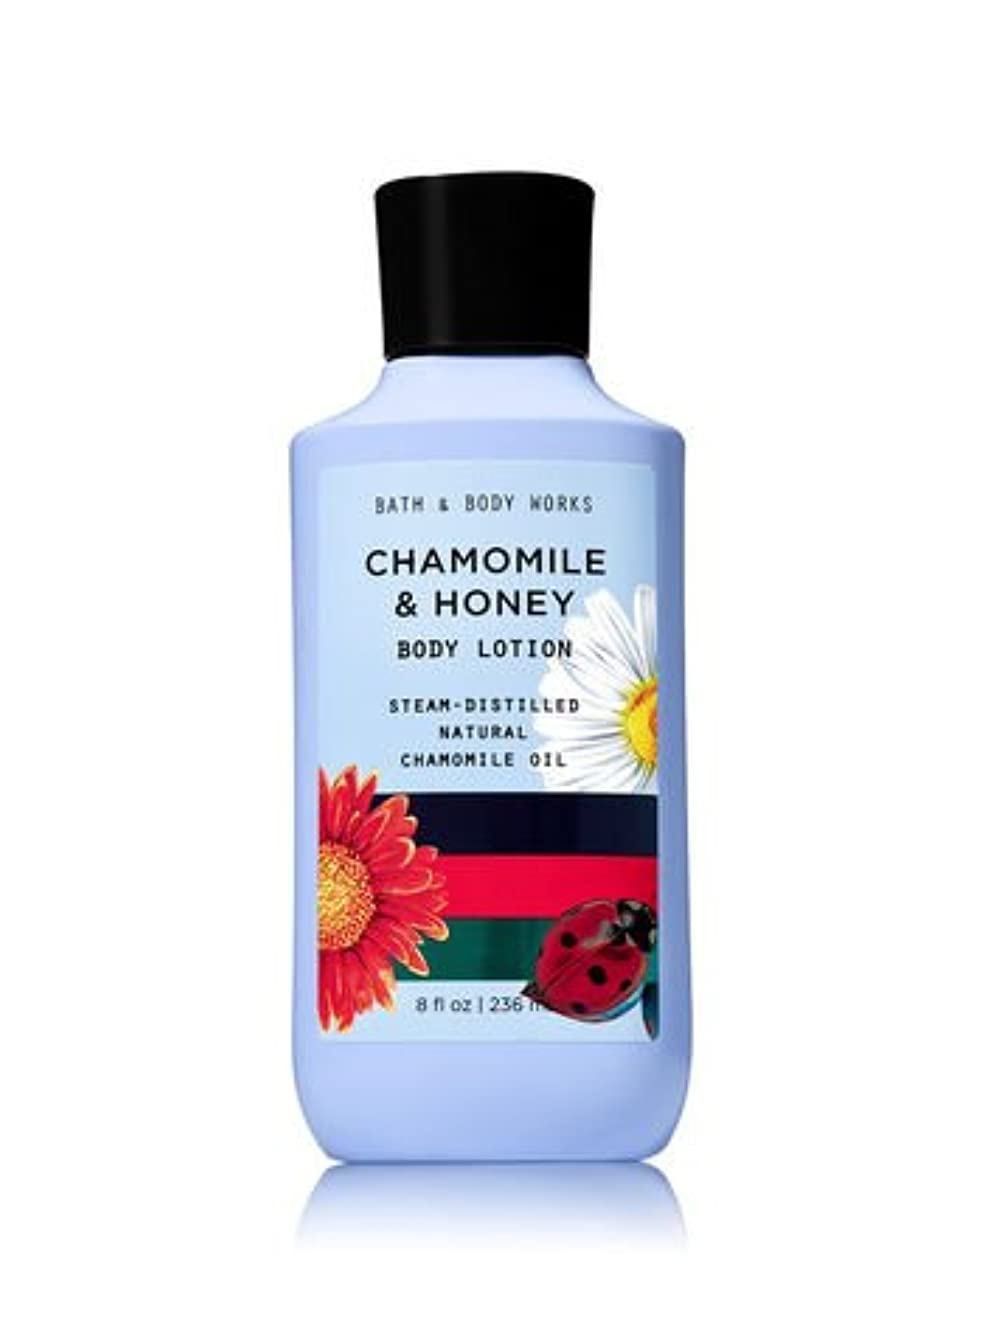 山積みの起点くしゃくしゃ【Bath&Body Works/バス&ボディワークス】 ボディローション カモミール&ハニー Body Lotion Chamomile & Honey 8 fl oz/236 mL [並行輸入品]